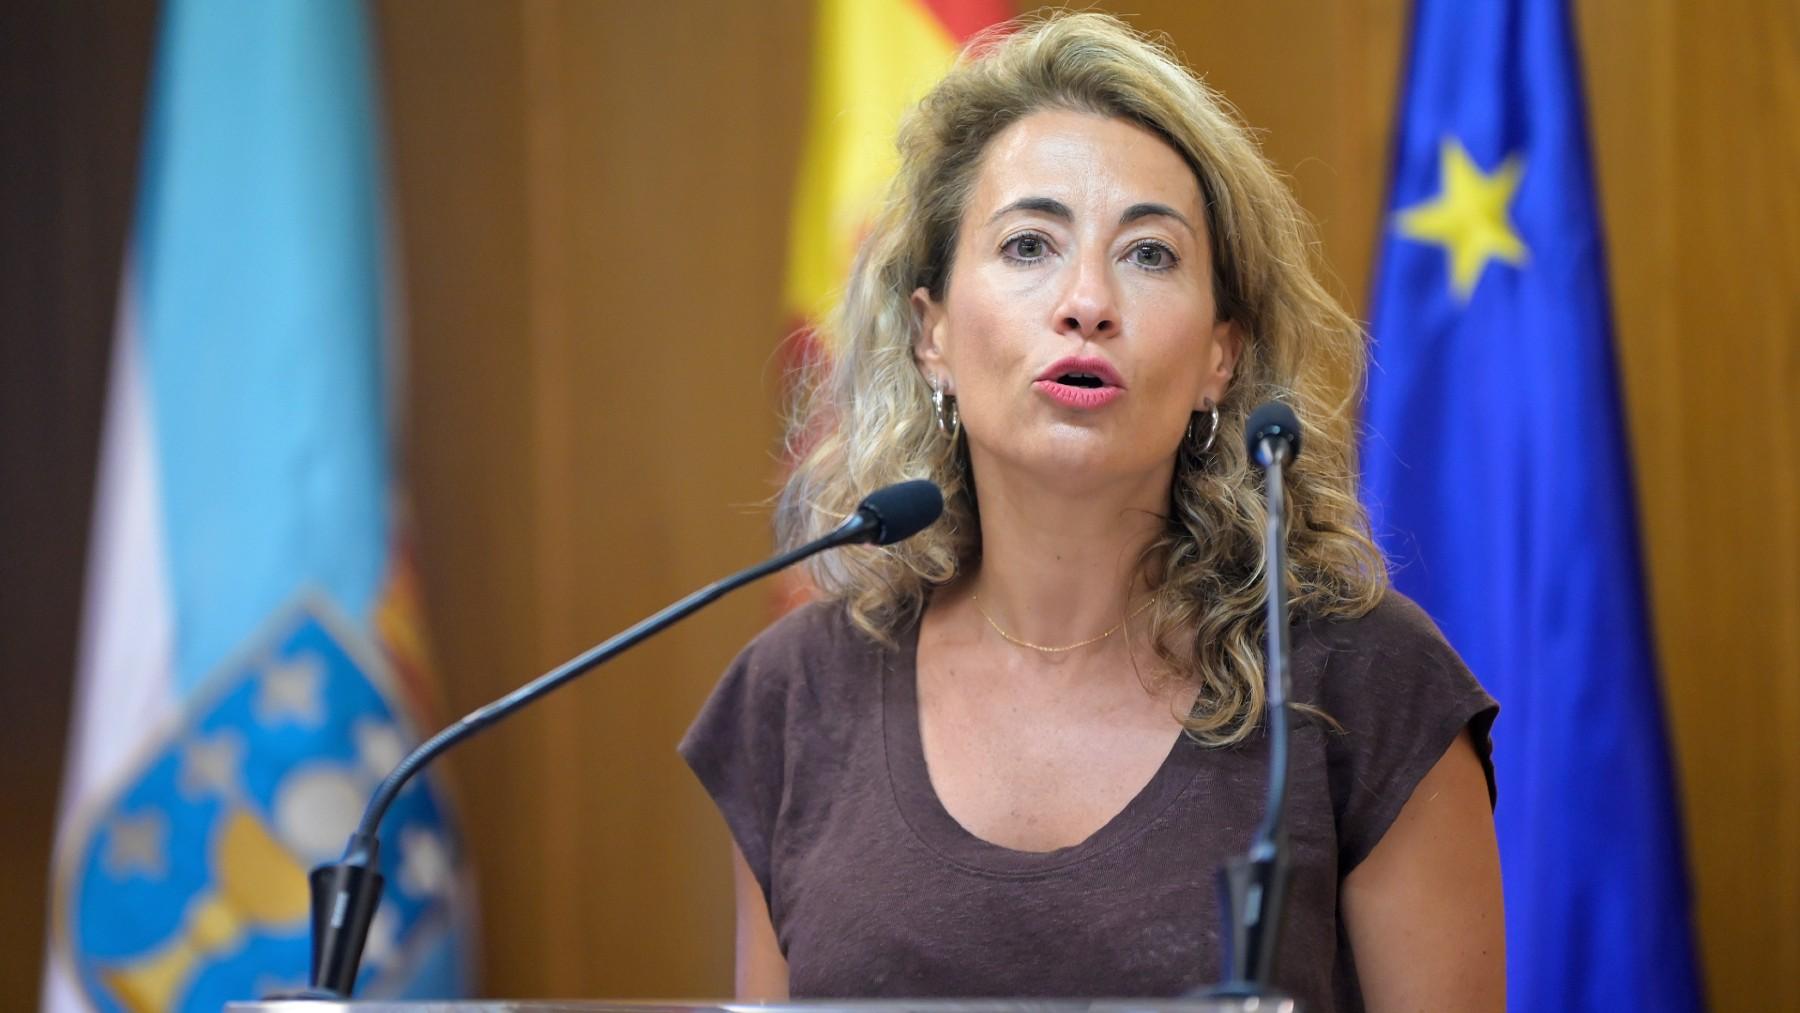 La ministra de Transportes, Movilidad y Agenda Urbana, Raquel Sánchez. (Foto: Europa Press)